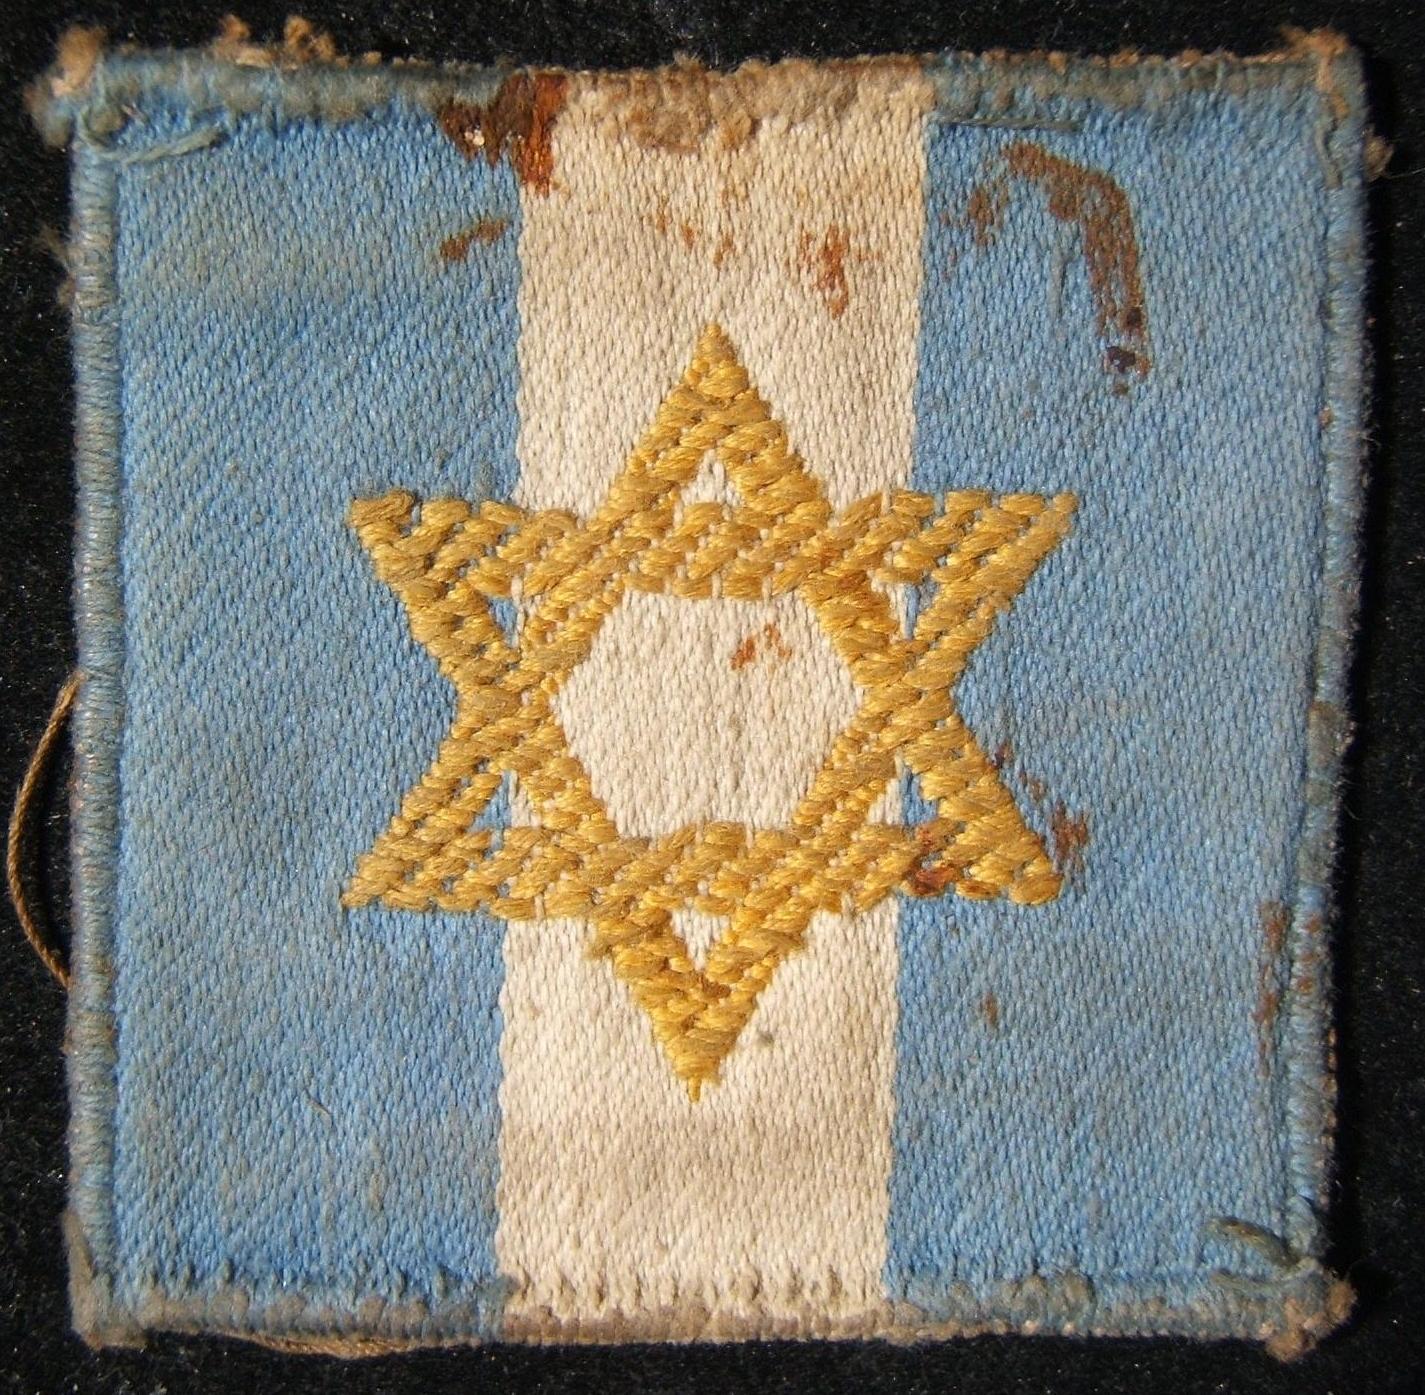 מלחמת העולם השנייה הדגל הציוני הכתף של הבריגדה היהודית